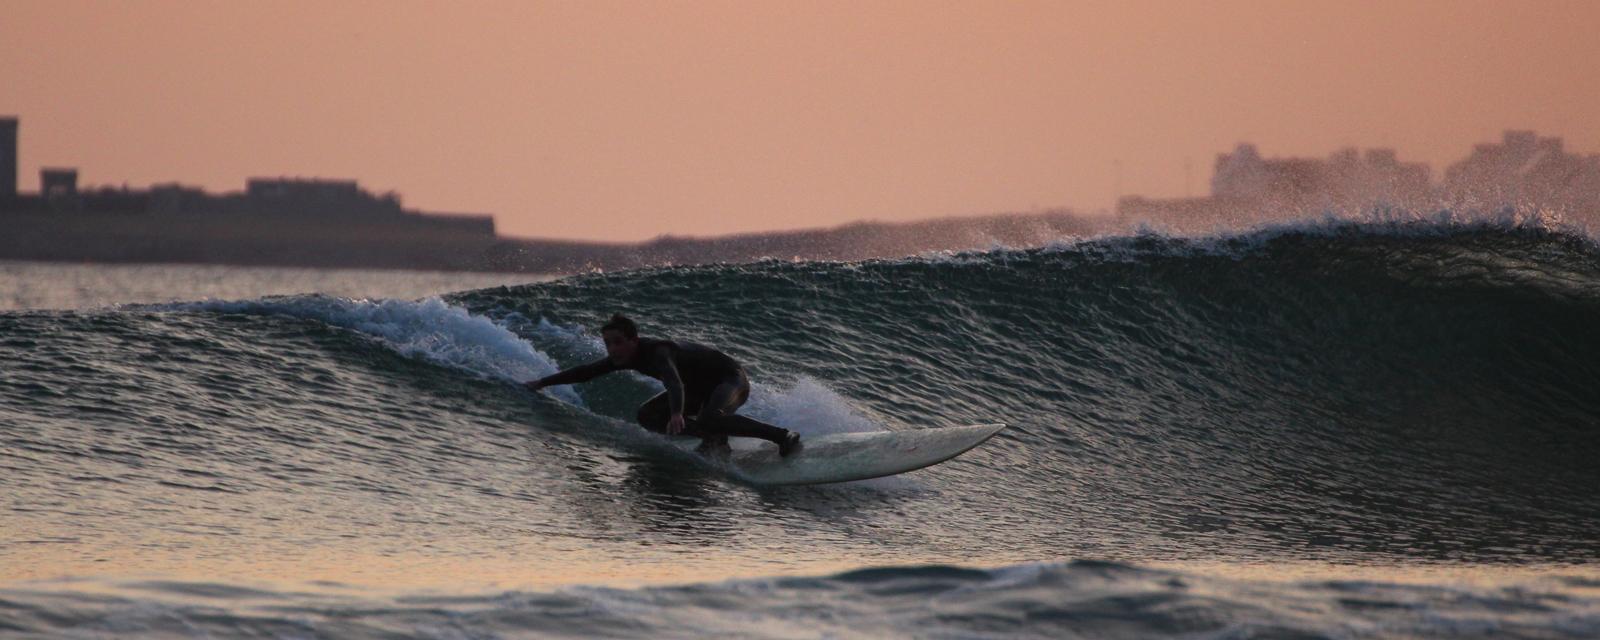 Session de surf à la plage de Dourveil, Trégunc